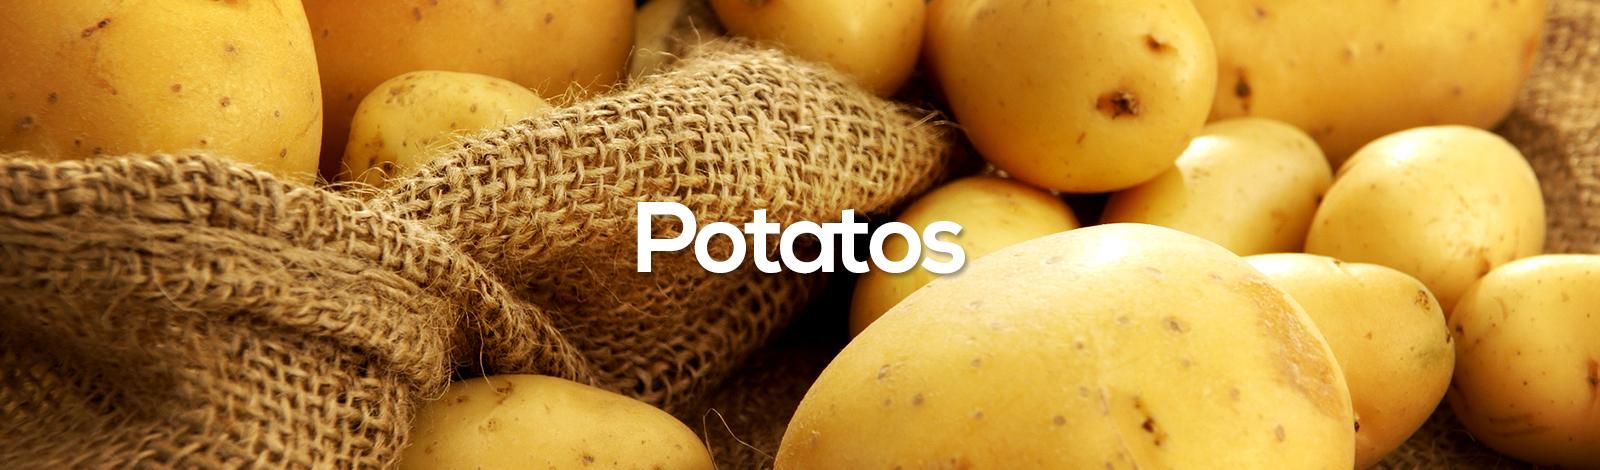 banner-produtos_potato